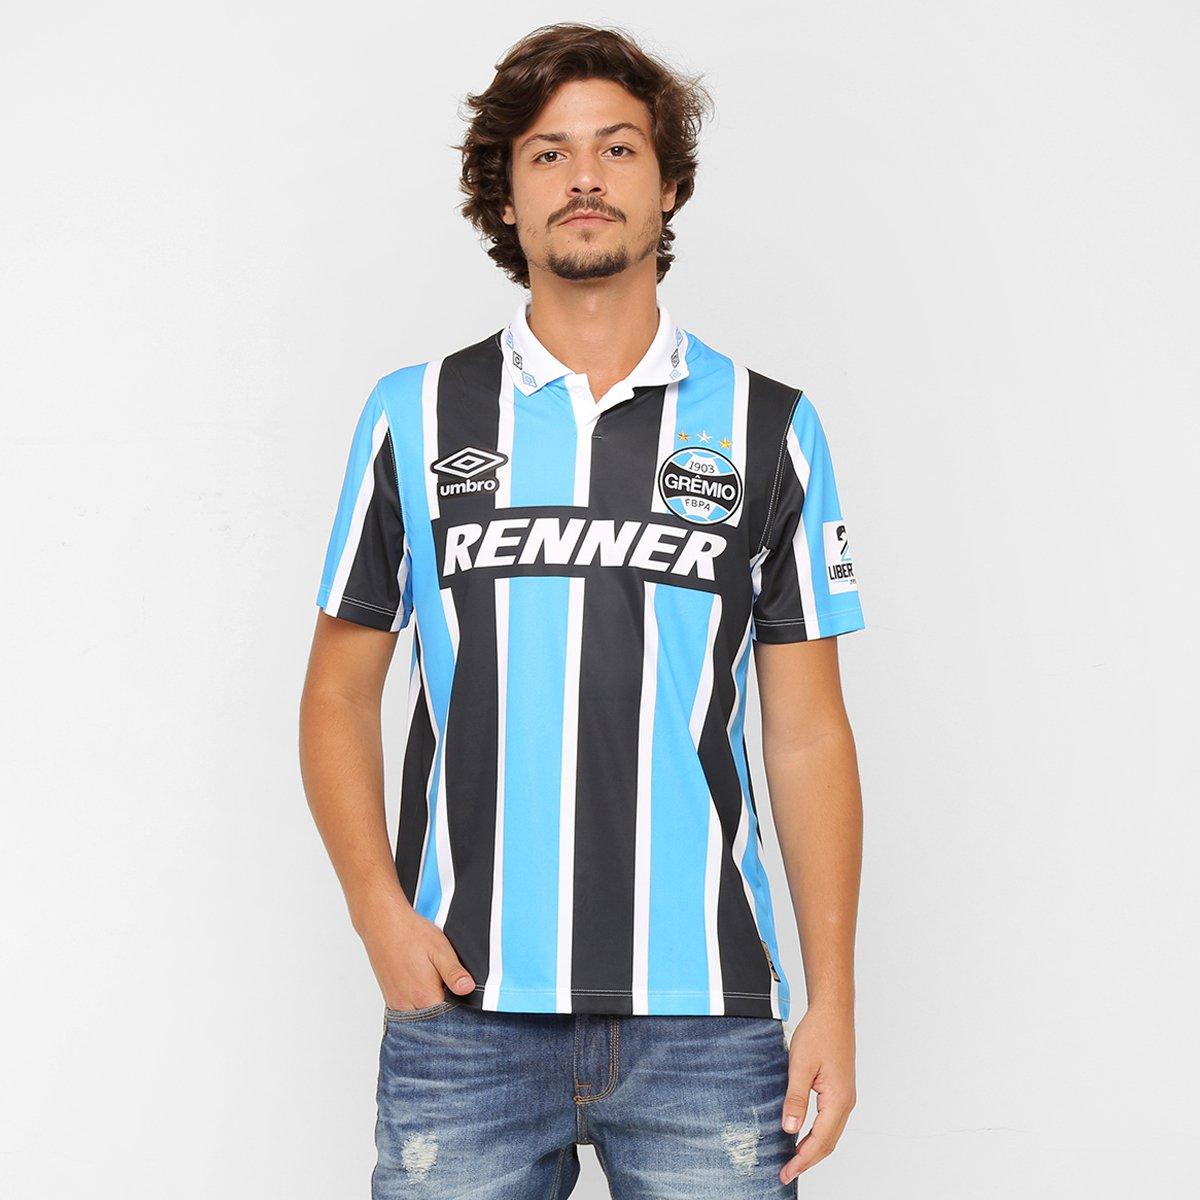 Camisa Umbro Grêmio Retrô 1995 - Bicampeão Libertadores - Compre Agora  e11e84f24a434